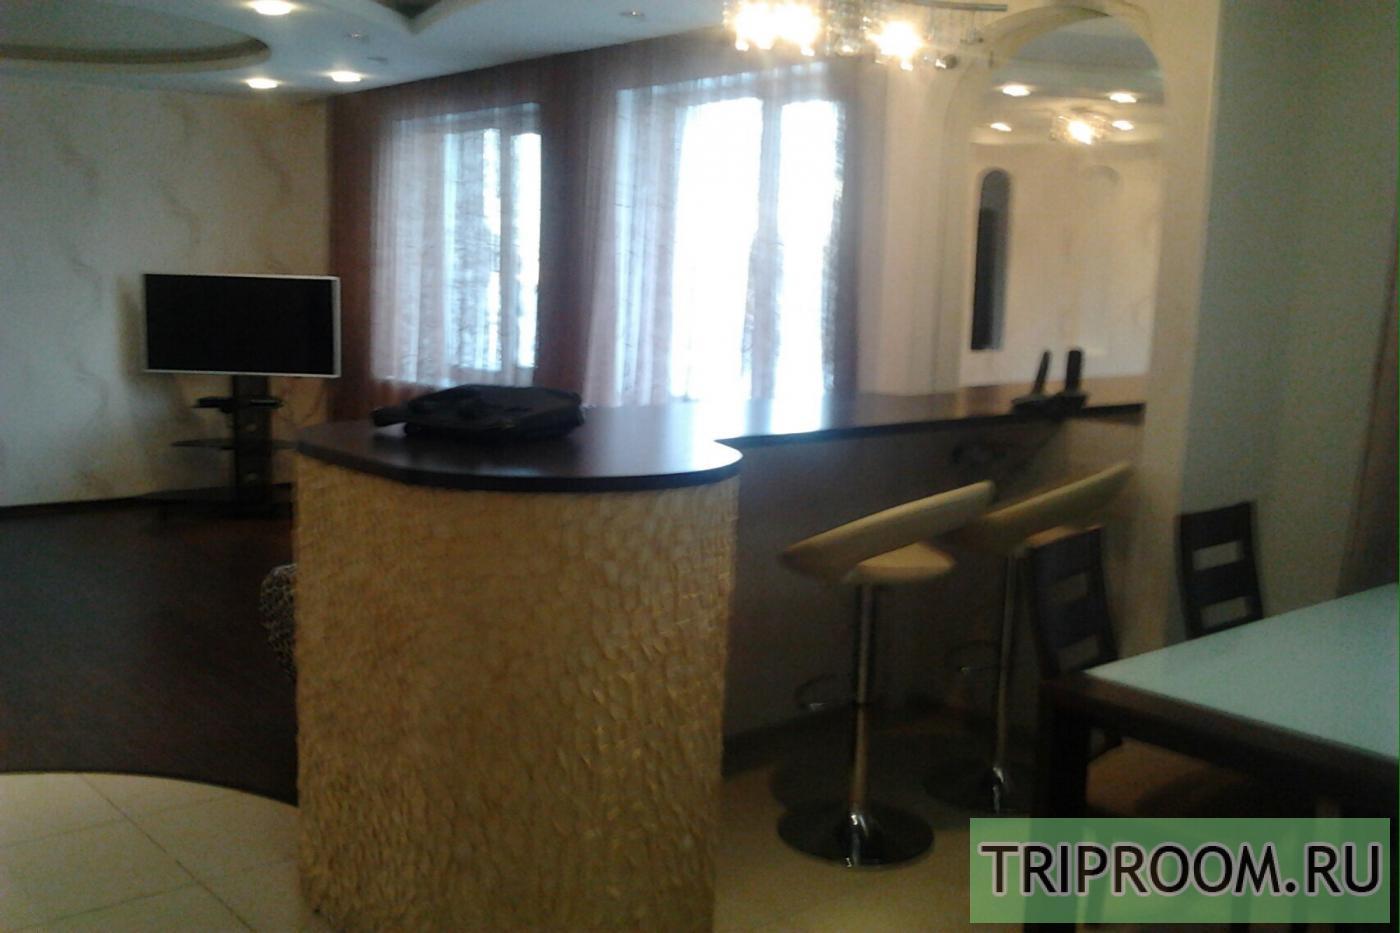 2-комнатная квартира посуточно (вариант № 4669), ул. 30 лет Победы улица, фото № 3